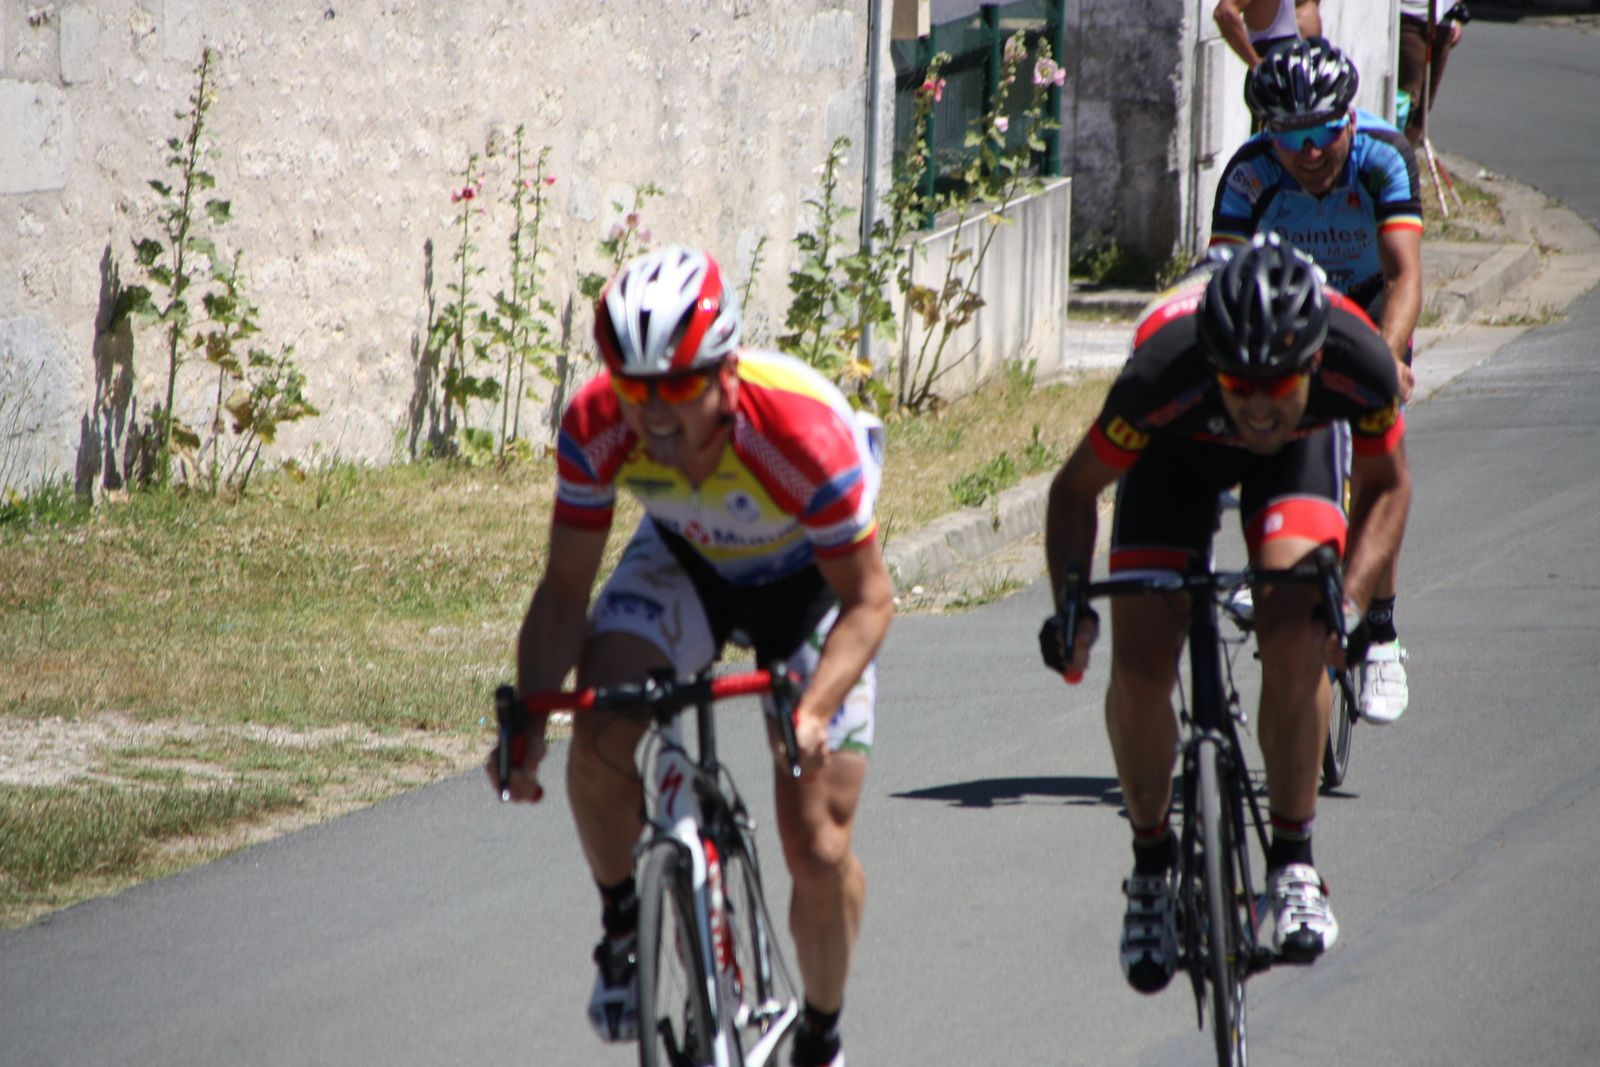 L'arrivée  au  sprint  et  la  victoire  pour  Guillaume  AUBINEAU